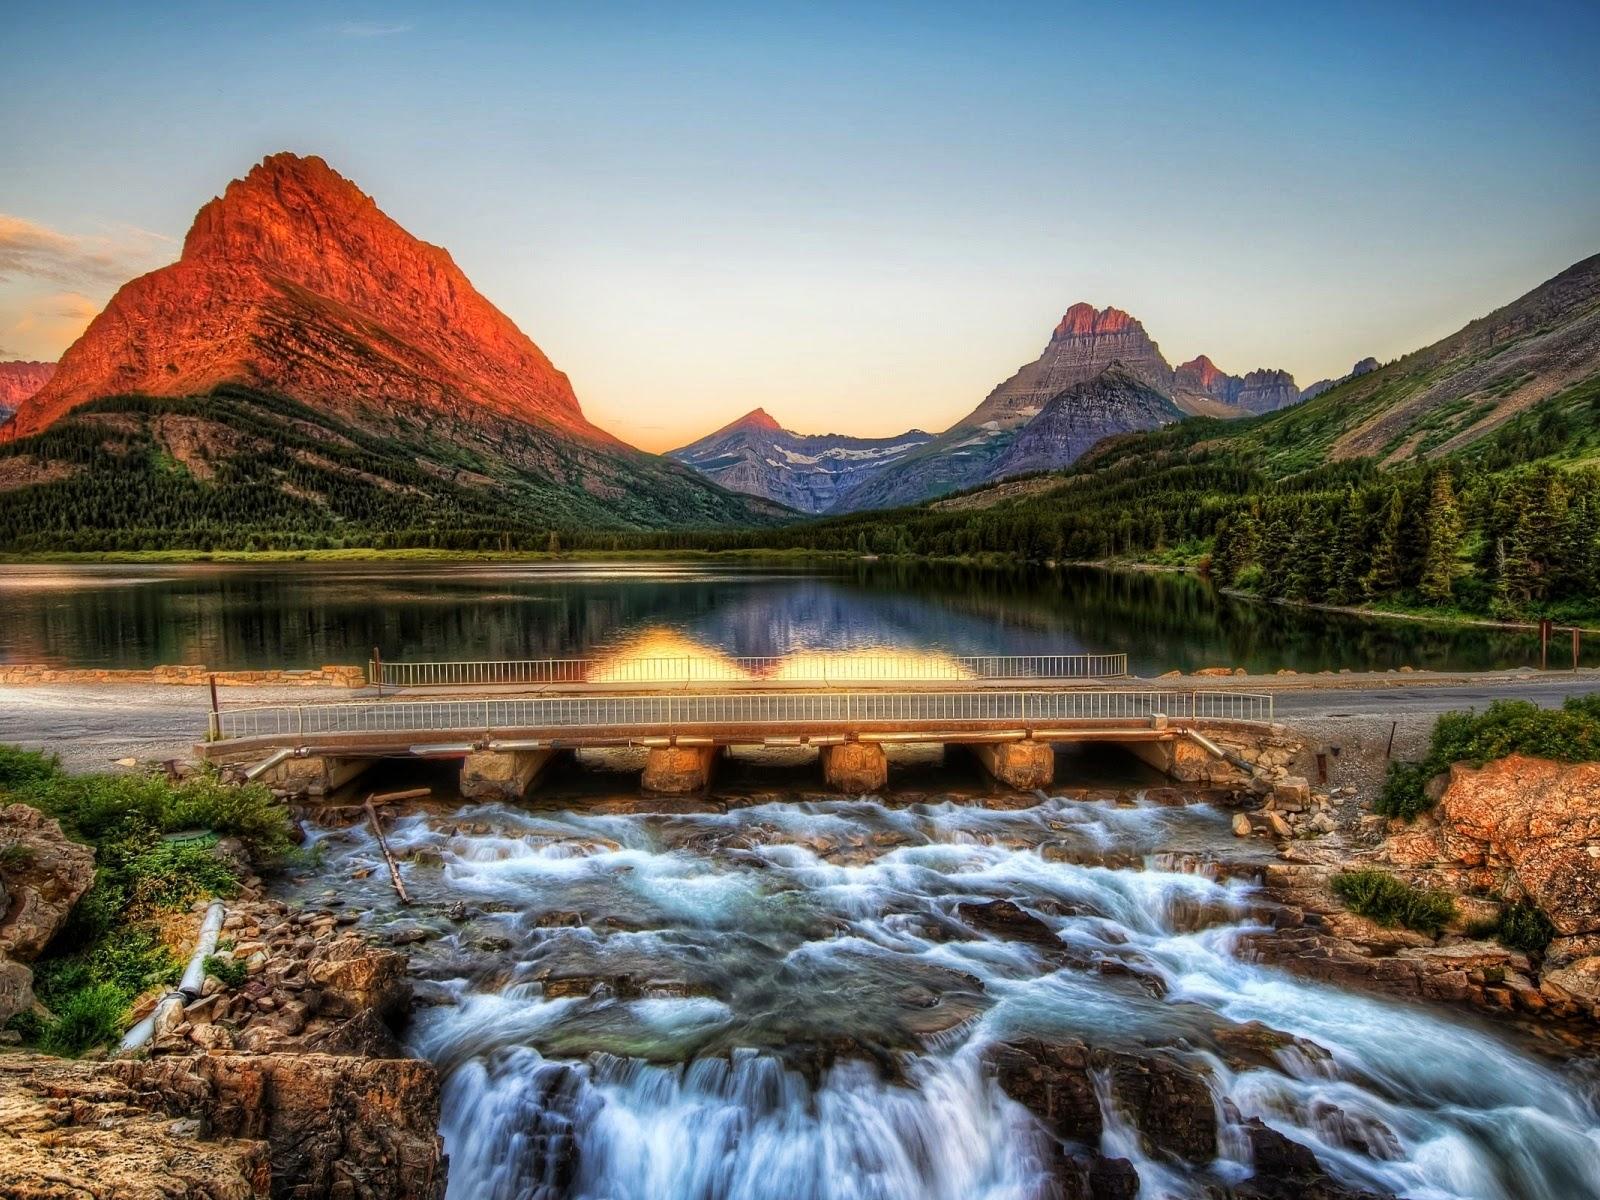 Montaña camino cascada piedras